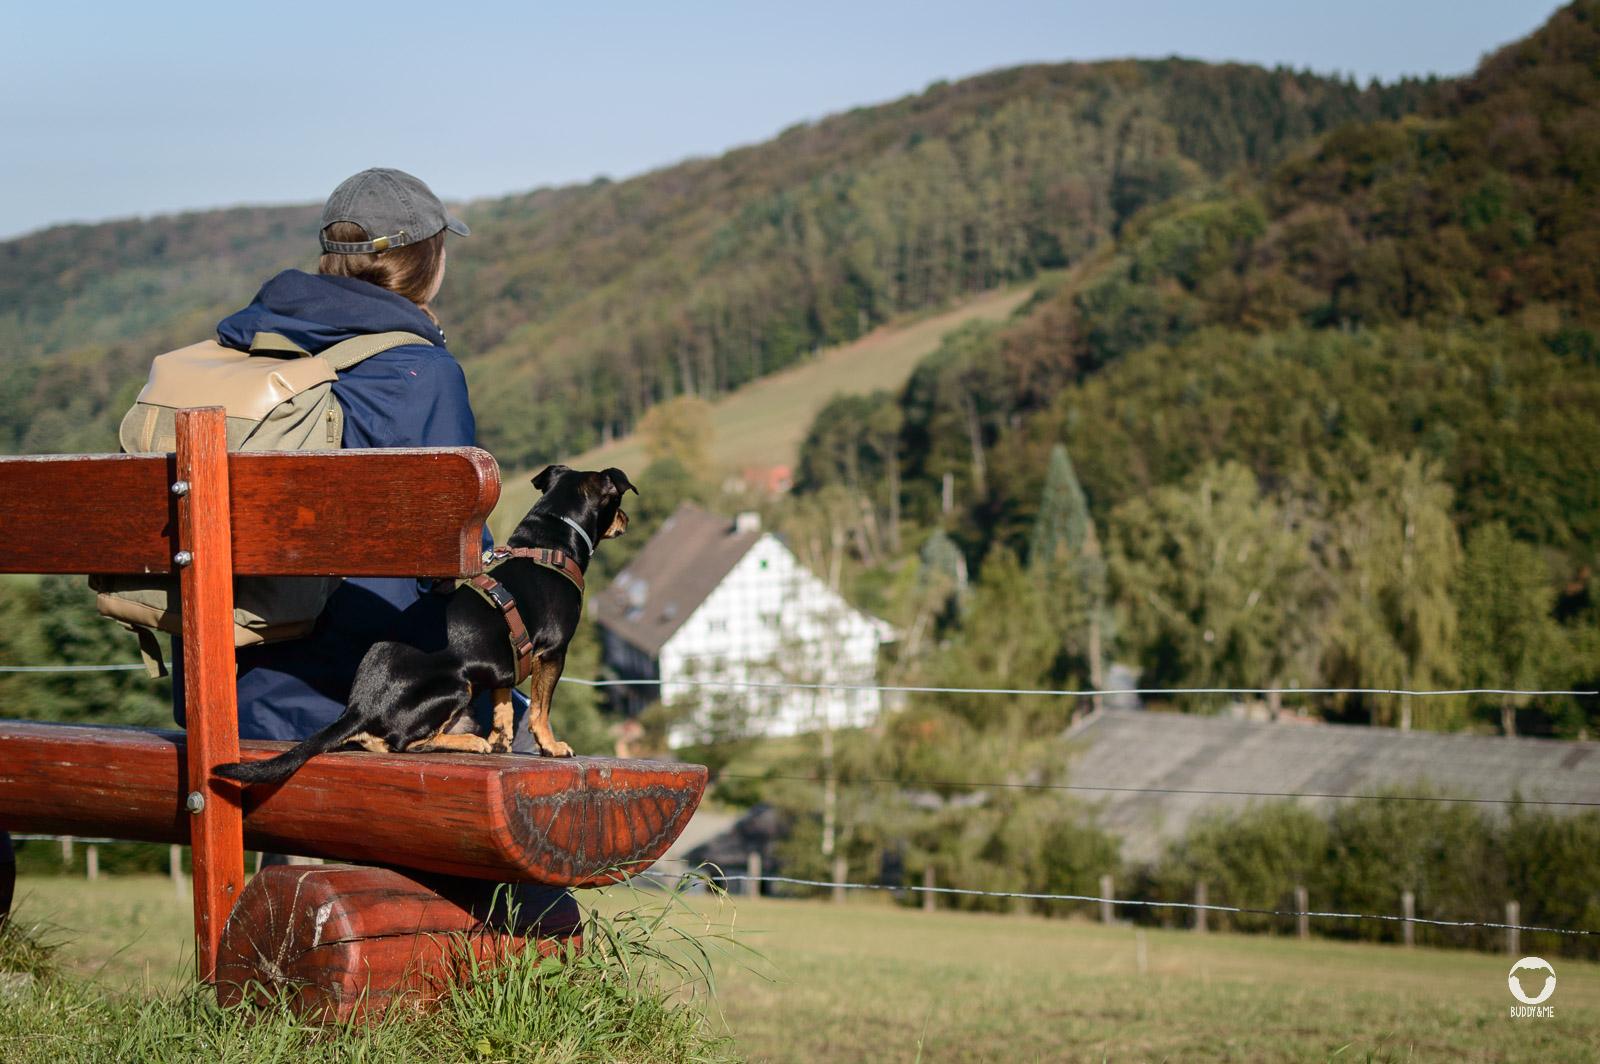 Aussicht über Hügel und Täler - Pinscher Buddy, Buddy and Me, Hundeblog, Dogblog, Ruhrgebiet, Leben mit Hund, Hundealltag, Bewegung, Glück, Team, Gemeinsam